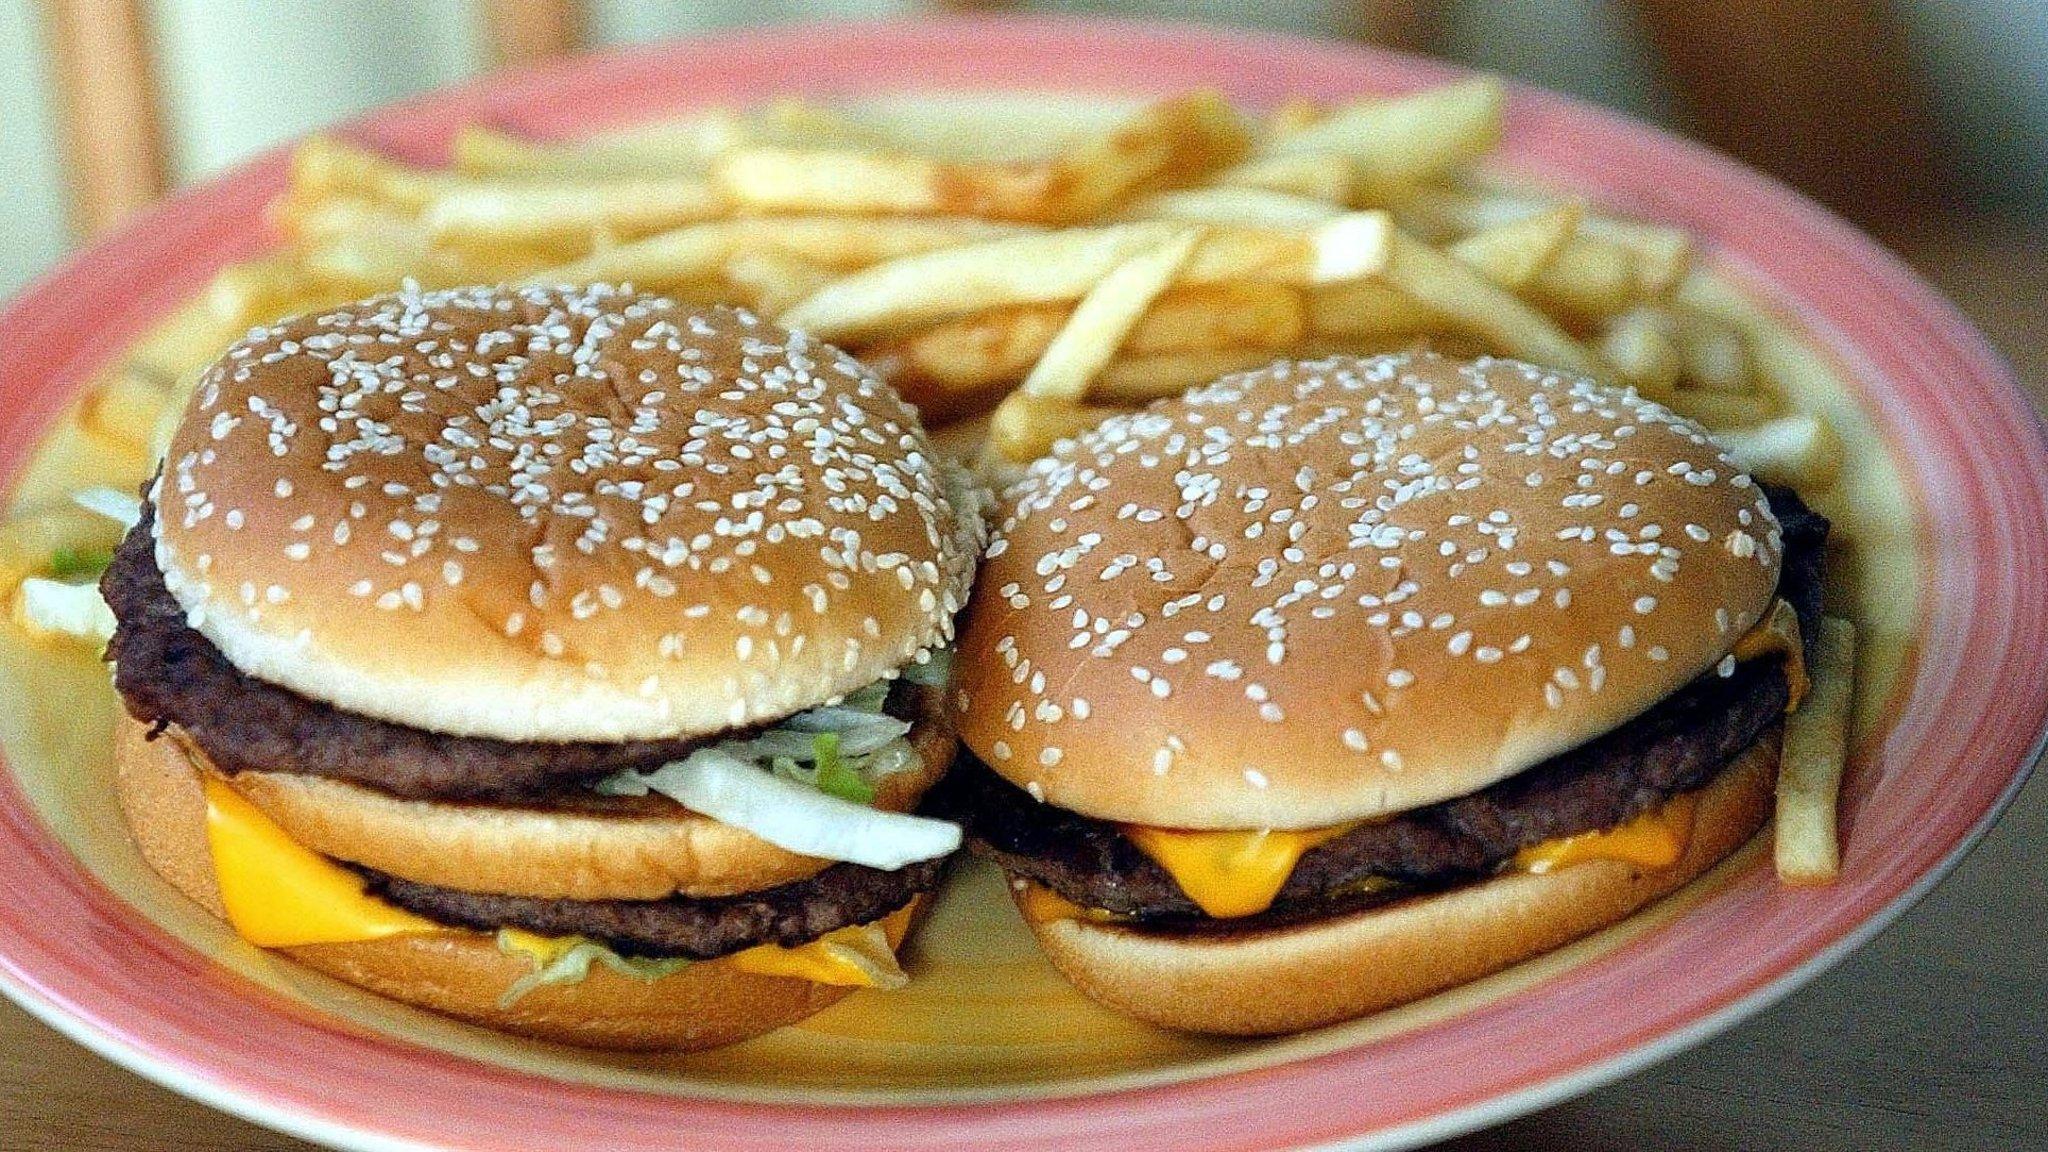 junk food should not be banned in schools debate